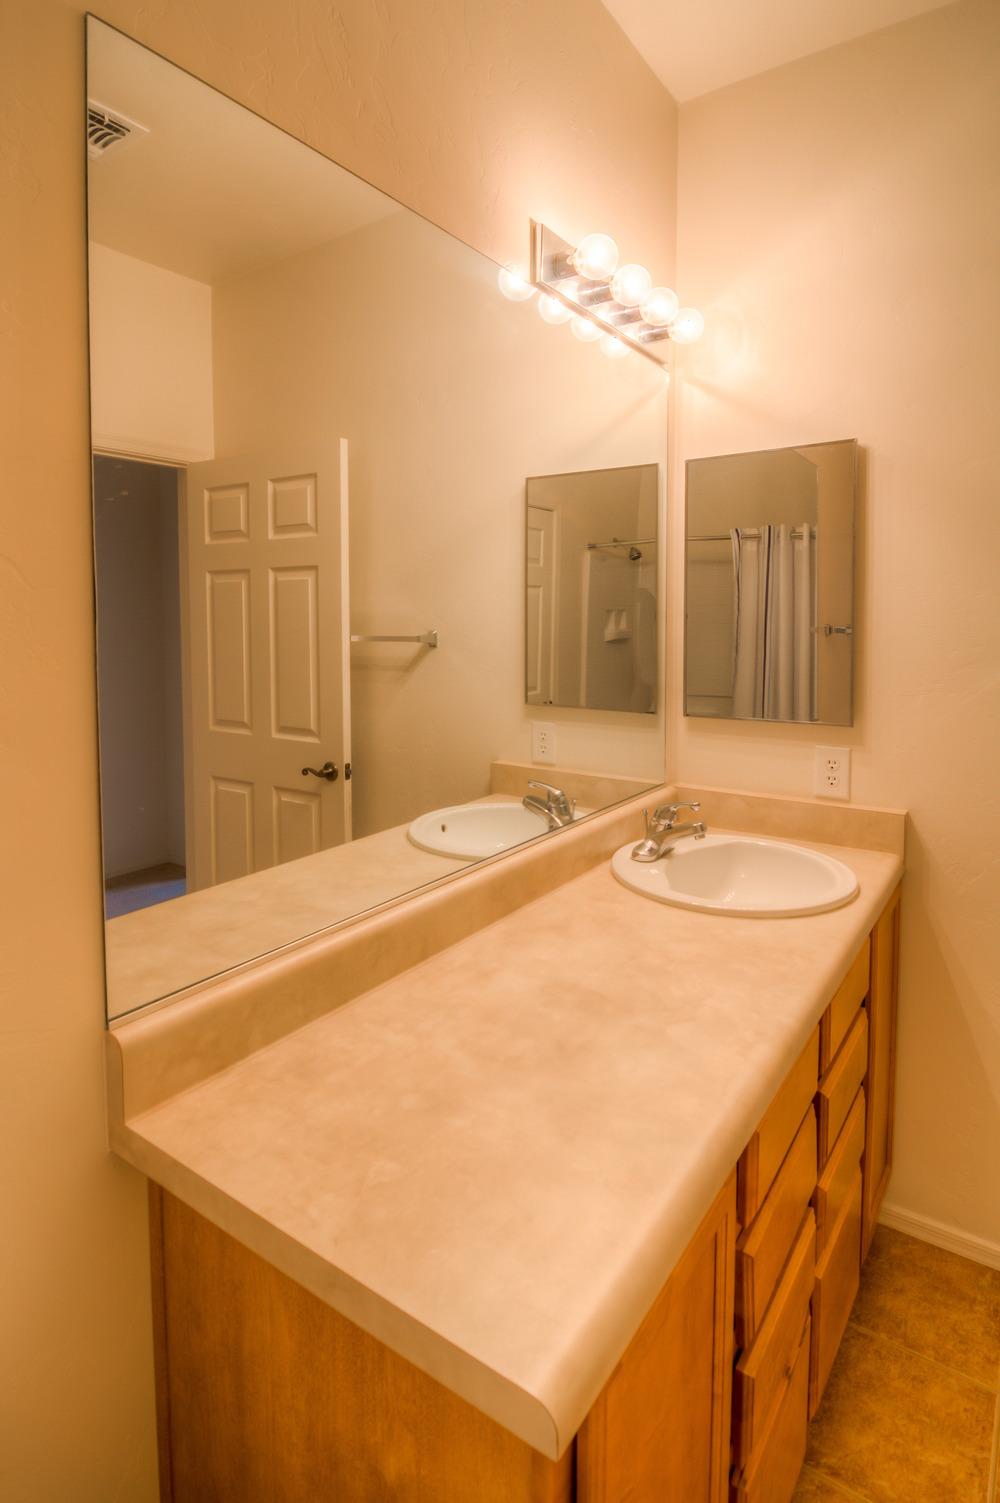 32 Bath photo a.jpg